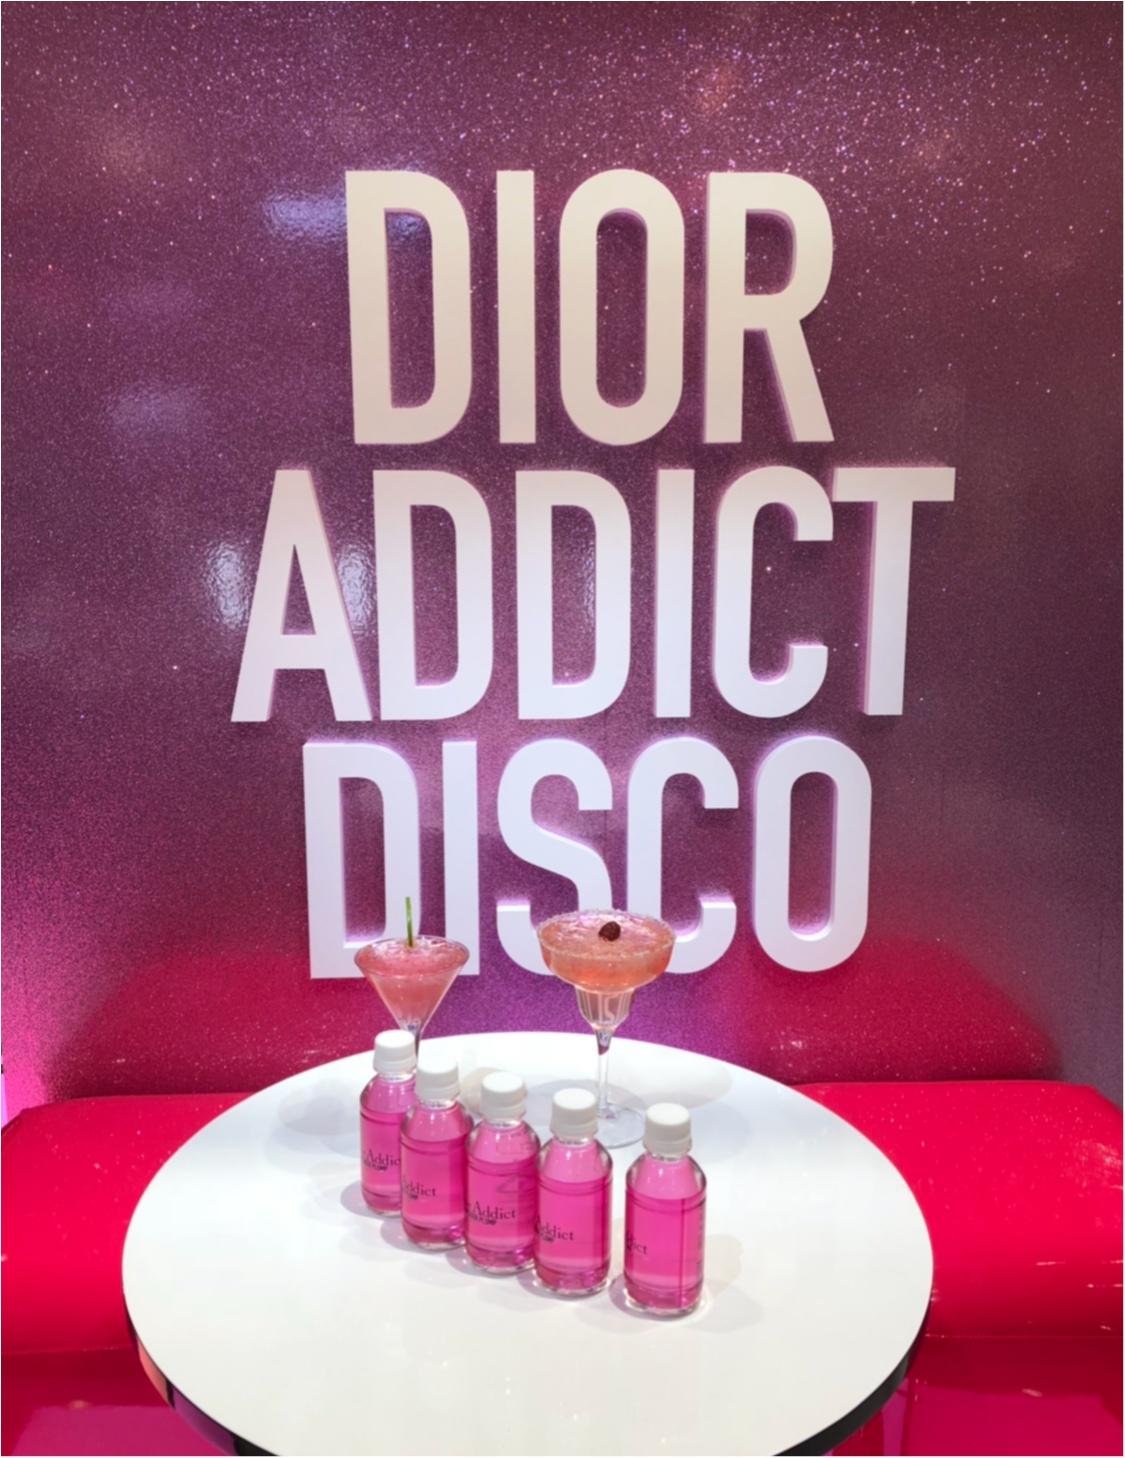 限定ノベルティや刻印も❤️【Dior addictラッカープランプ】発売記念イベントに行ってきました!_6